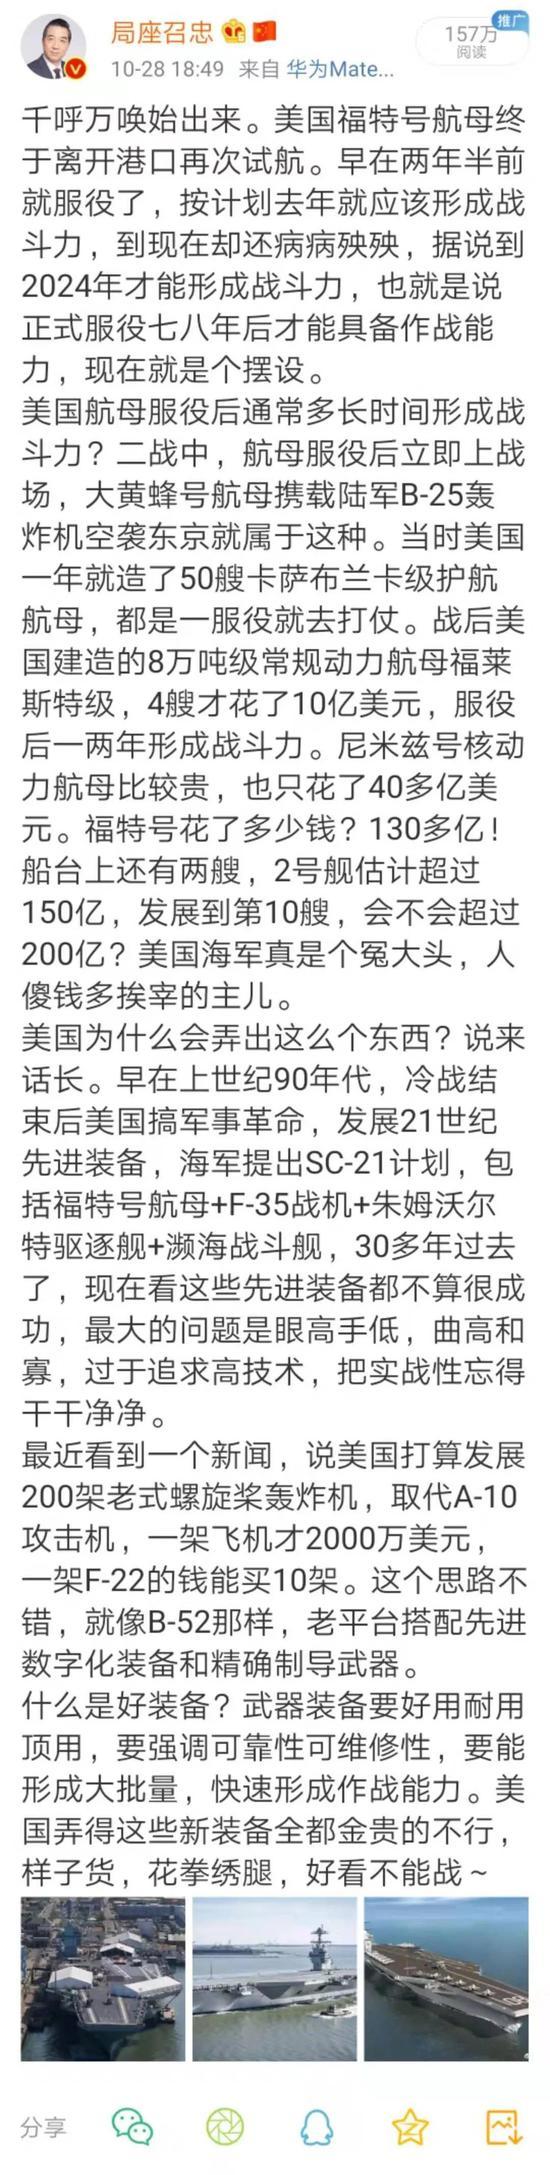 龙8国际娱乐pt老虎机官网-全市停止土石方作业!郑州今晨启动重污染天气II级应急响应